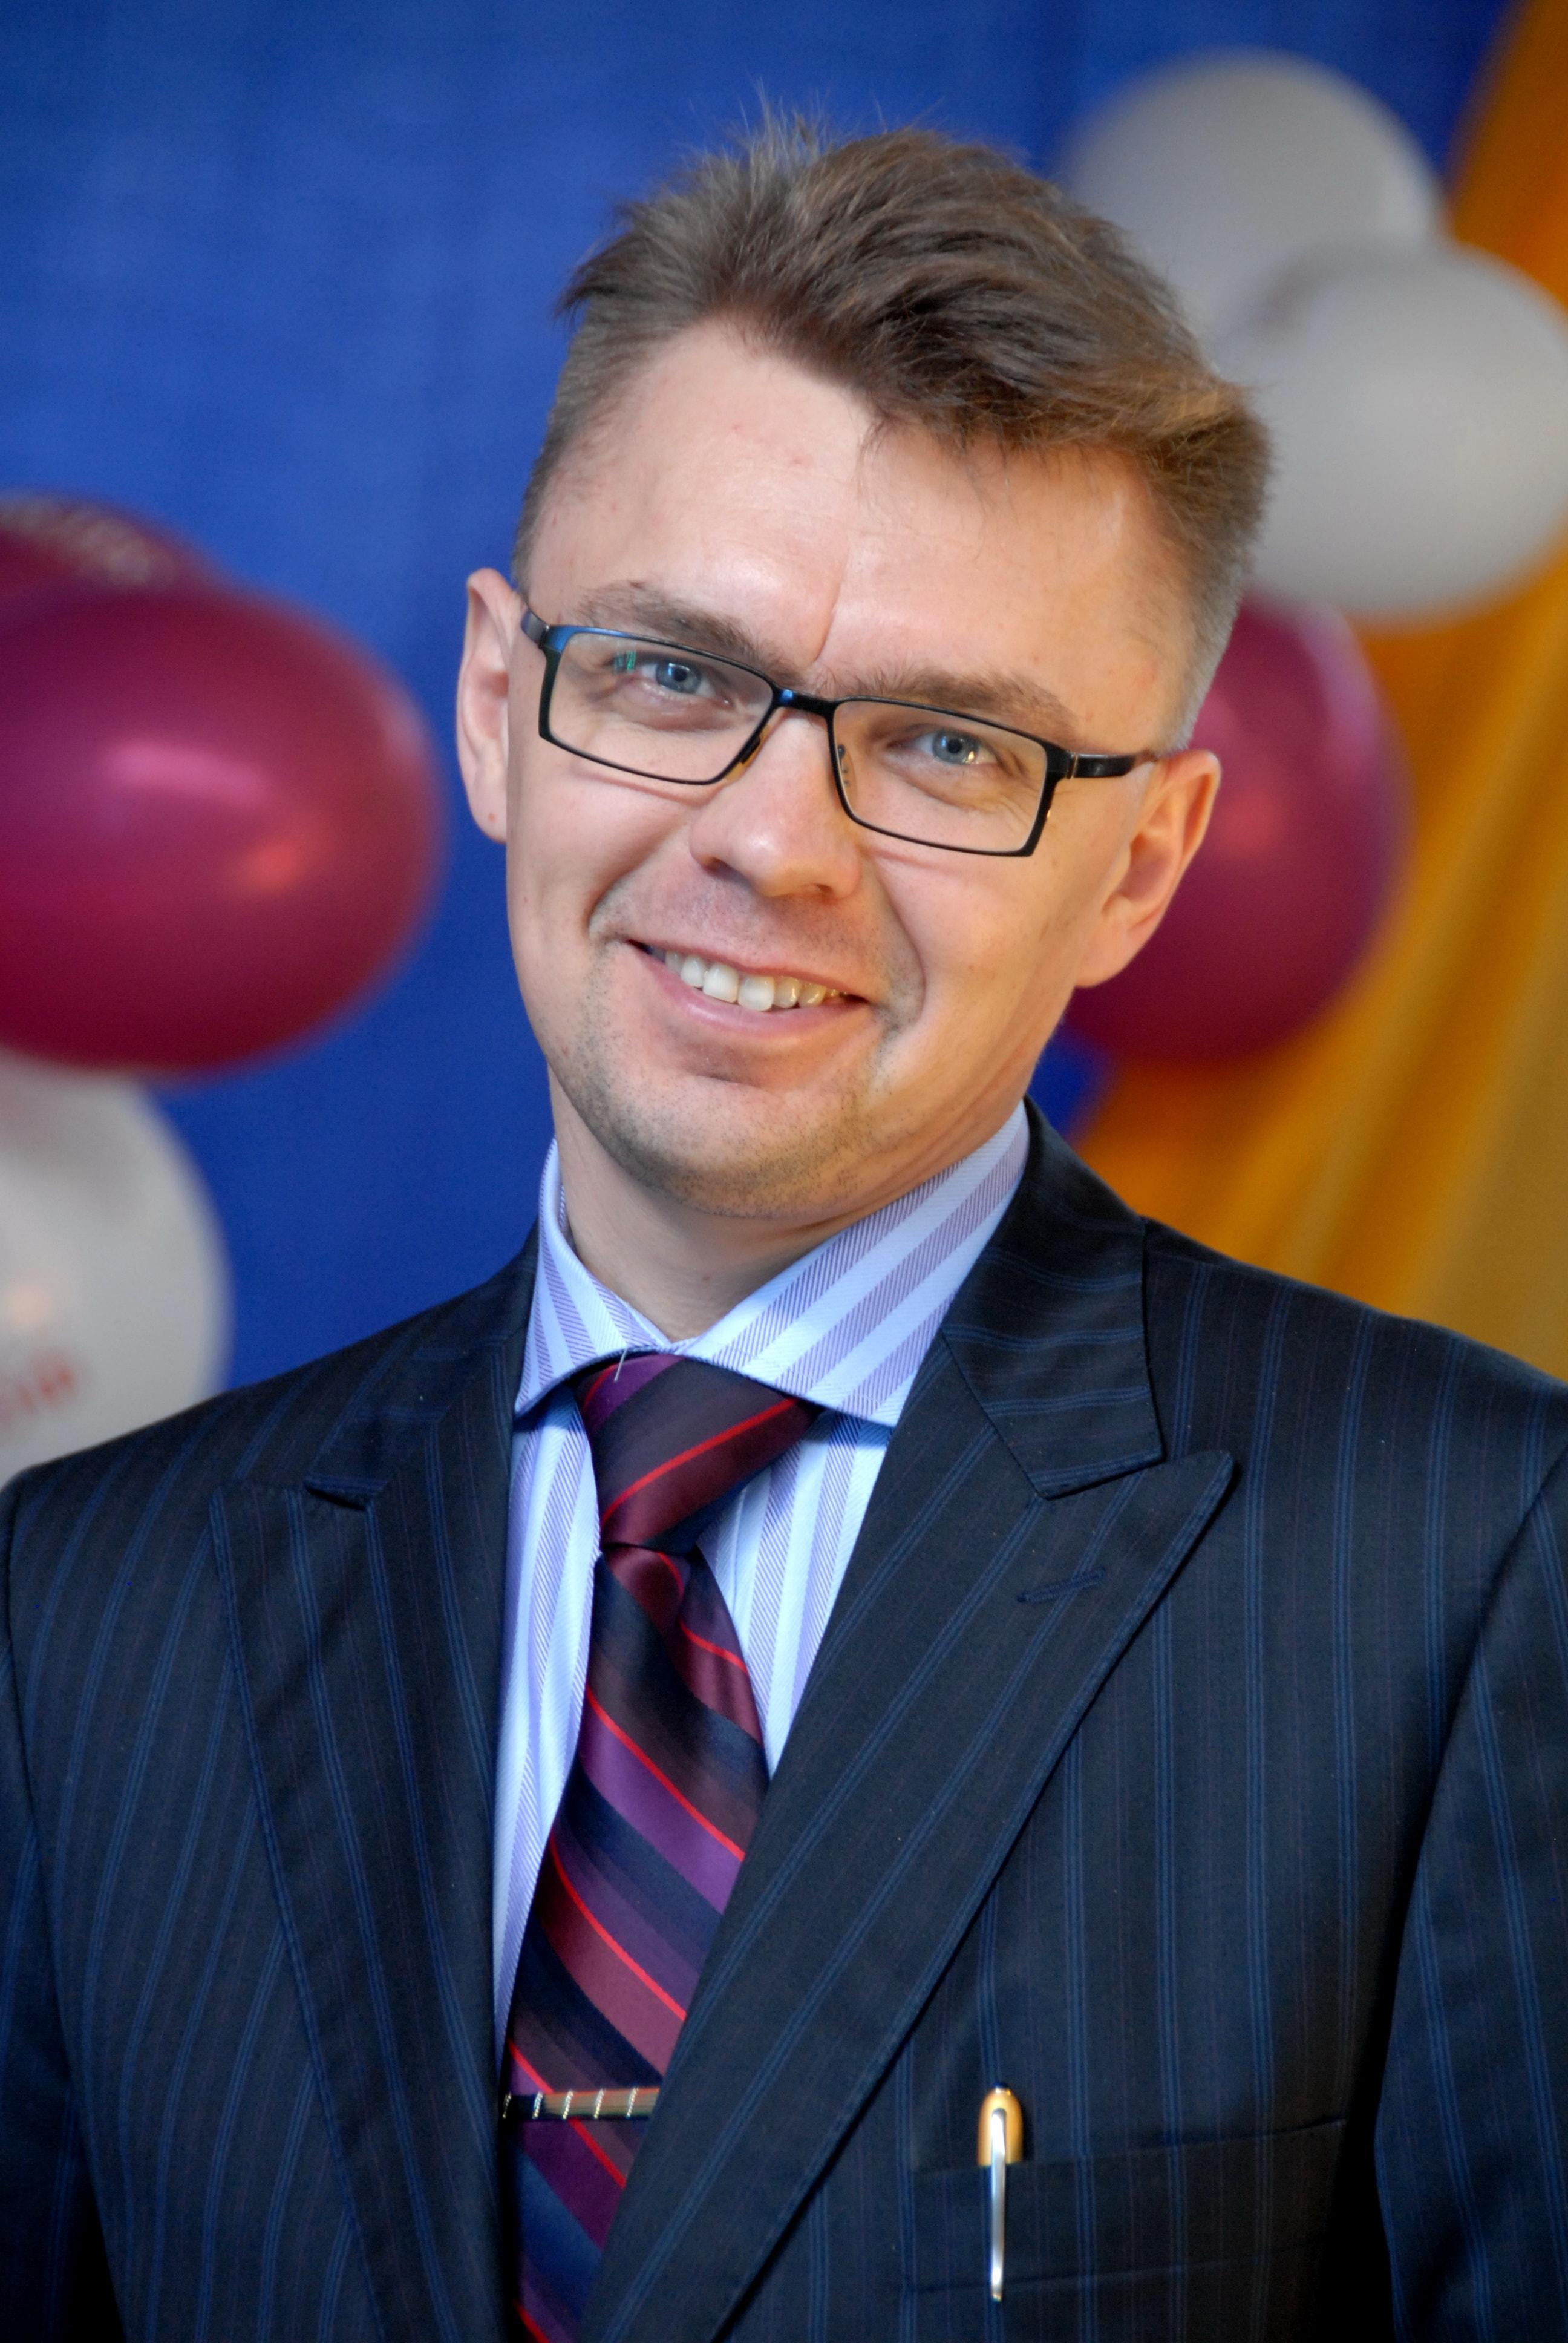 Соронович Ігор Михайлович - завідувач кафедри хореографії і танцювальних видів спорту